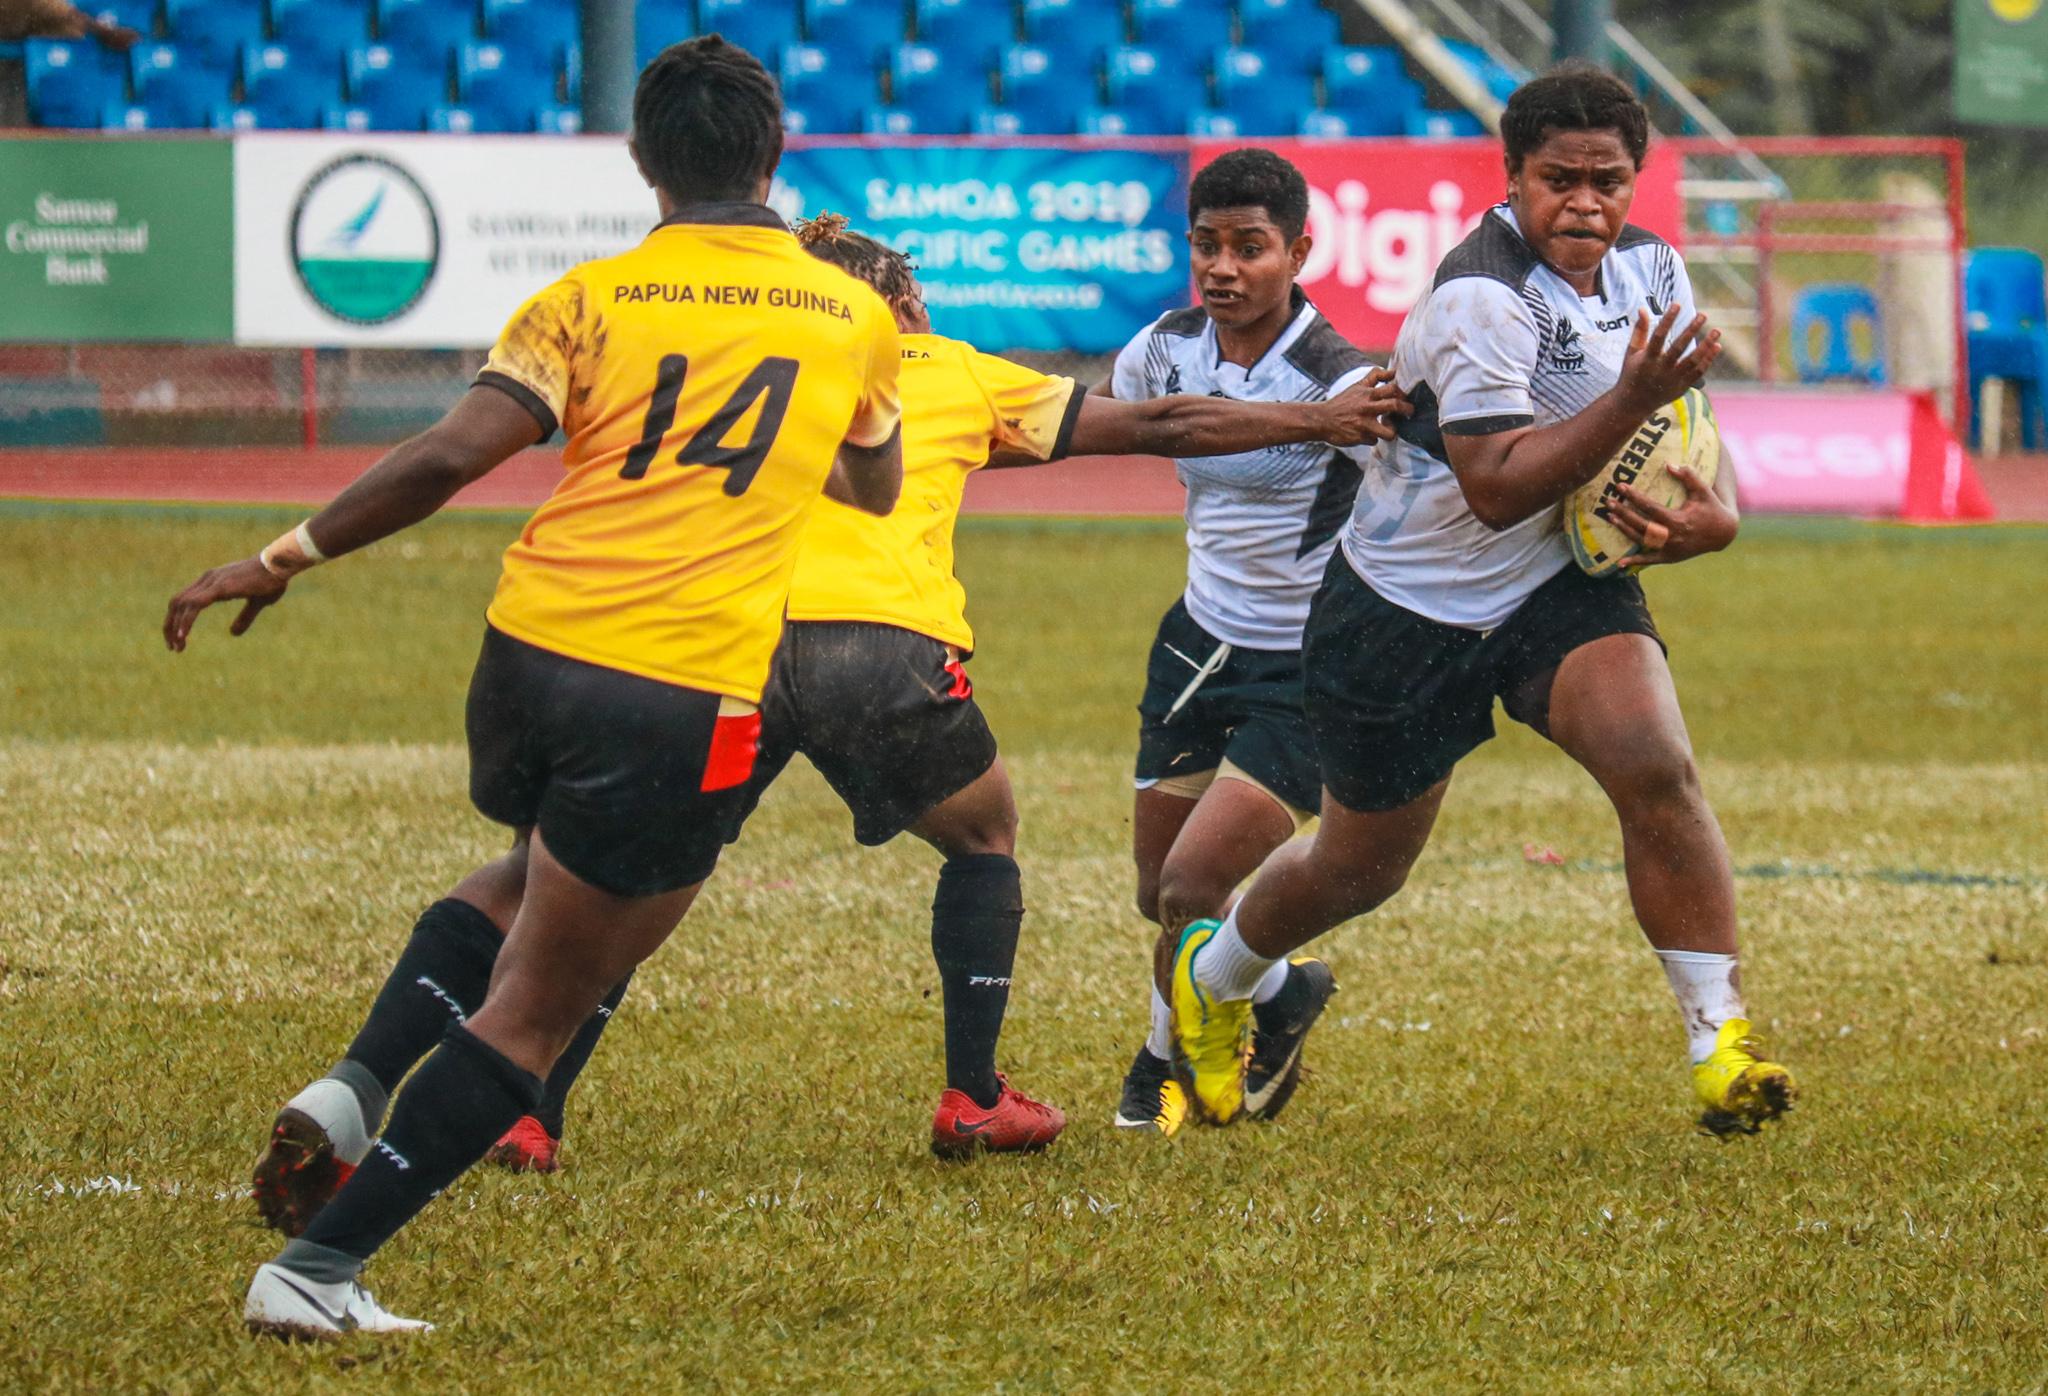 Fiji and Cook Islands impress in Women's Nines